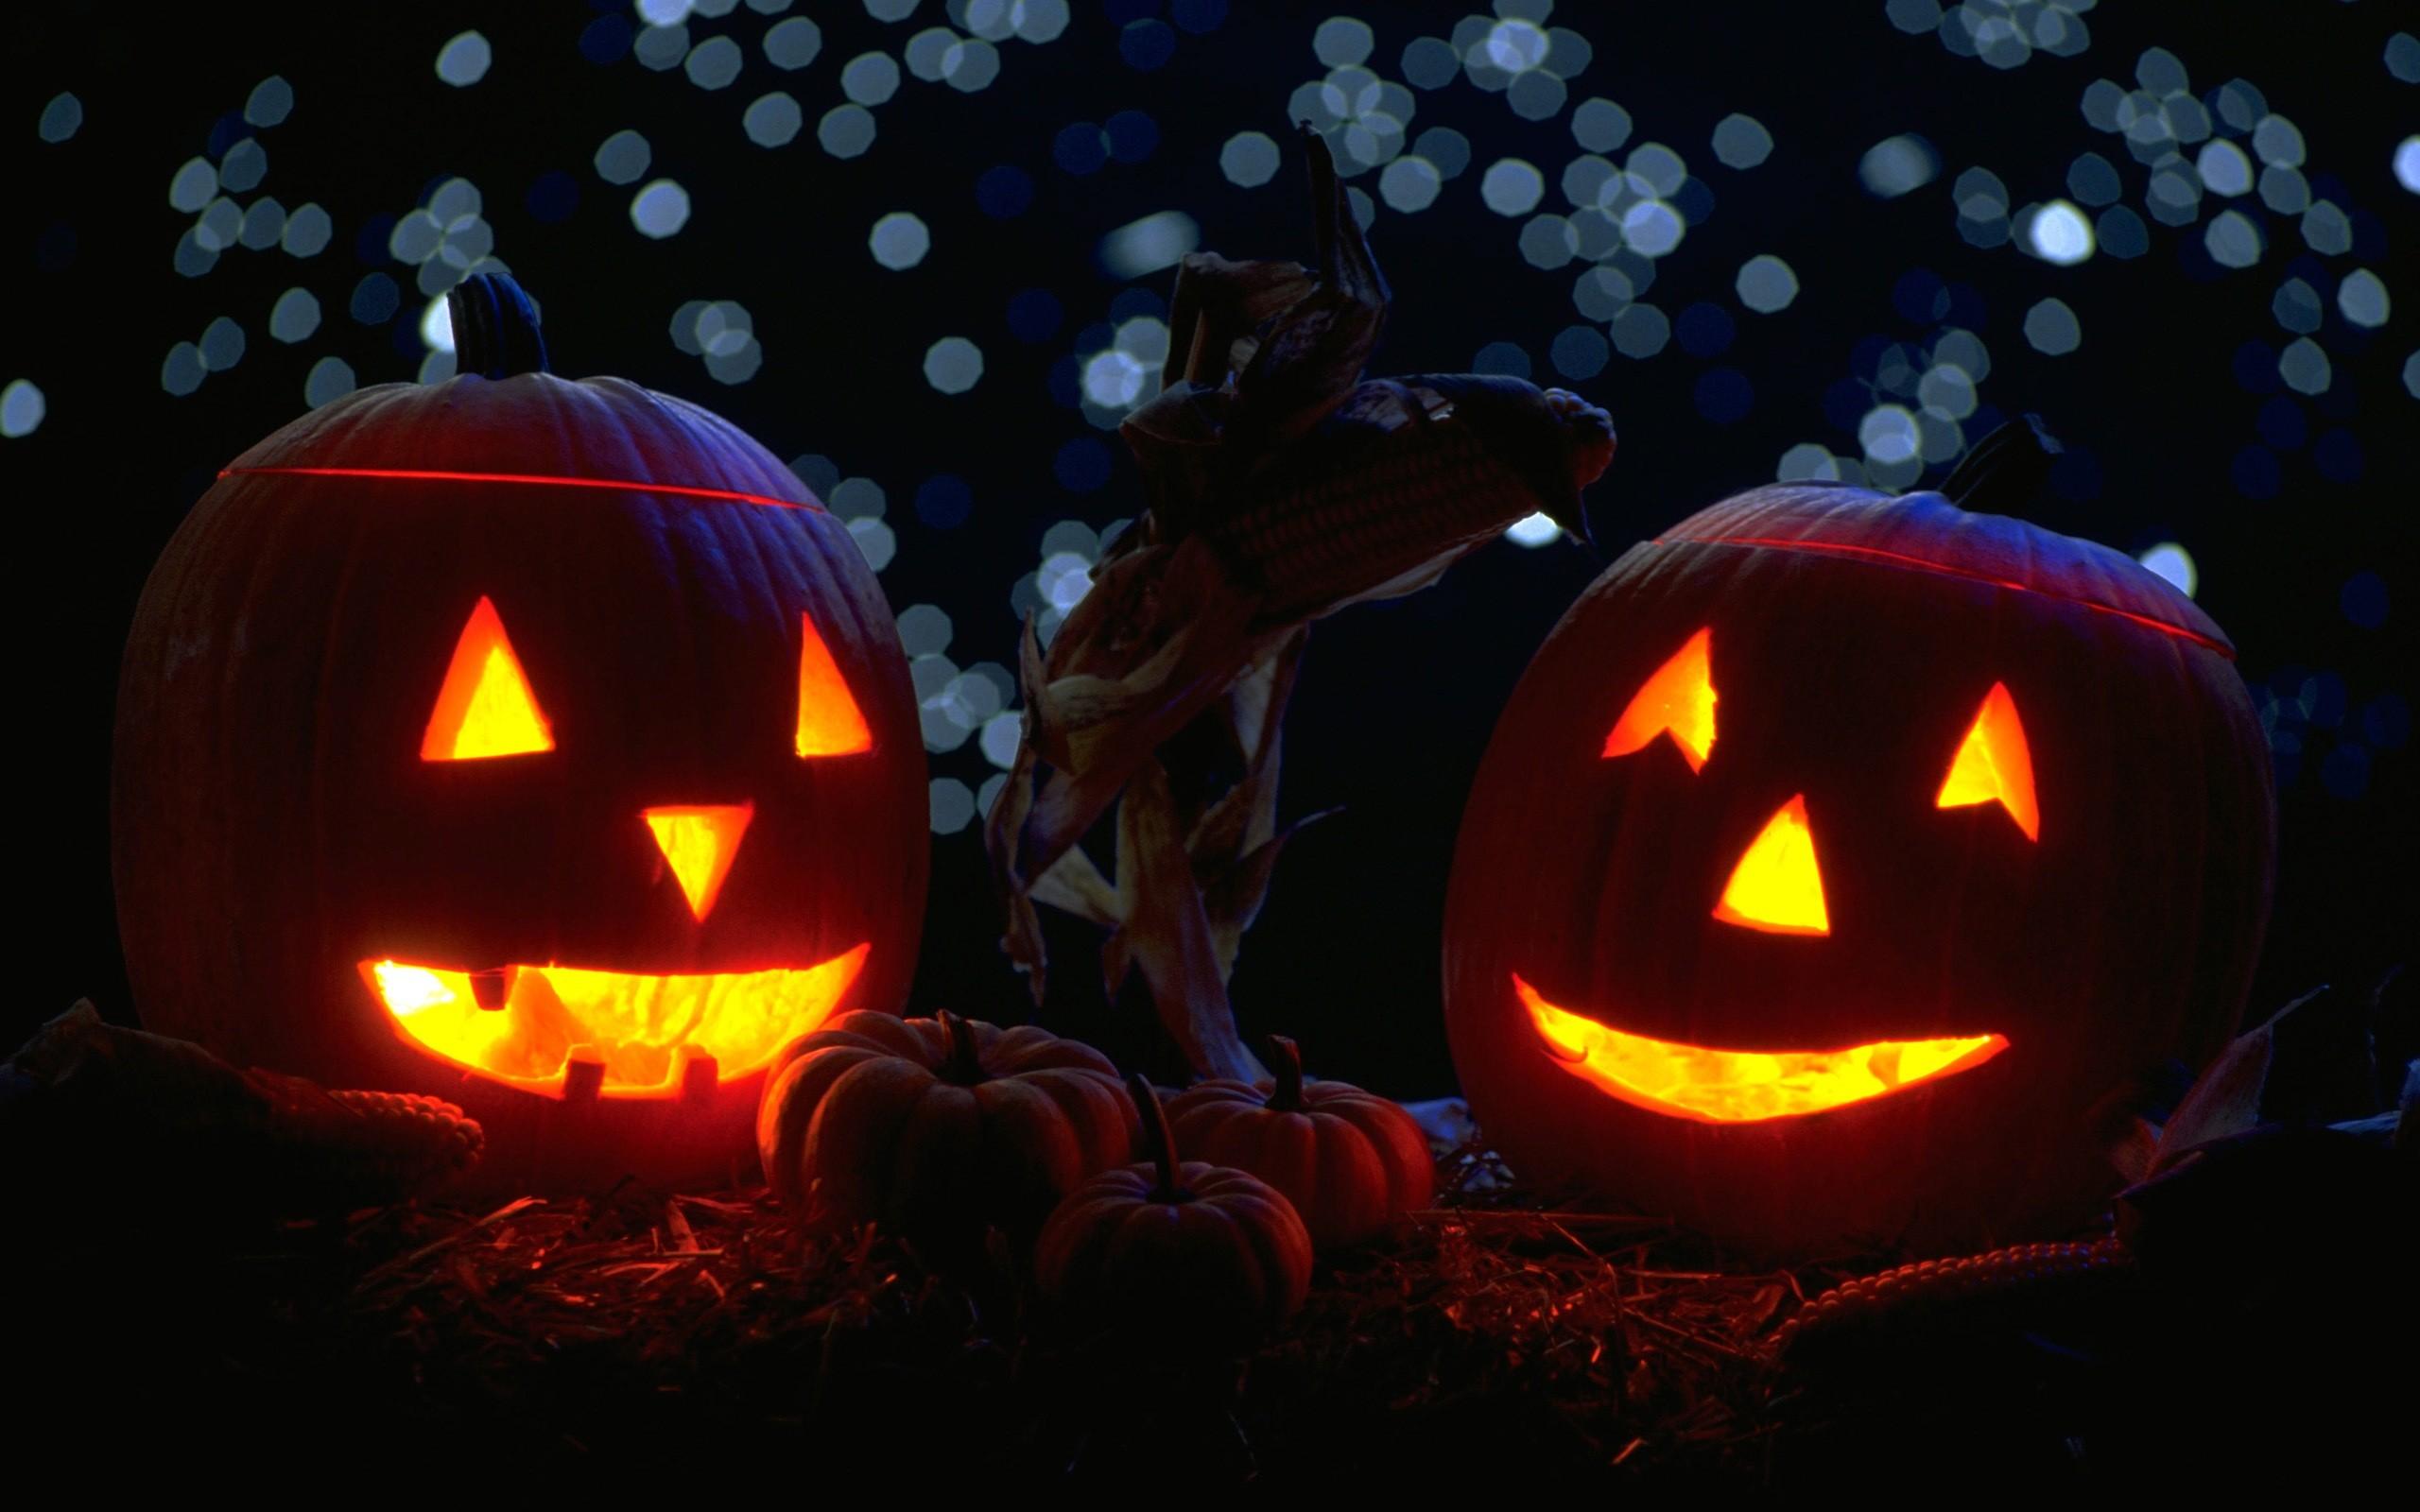 Happy Halloween Desktop Wallpaper 71 images 2560x1600